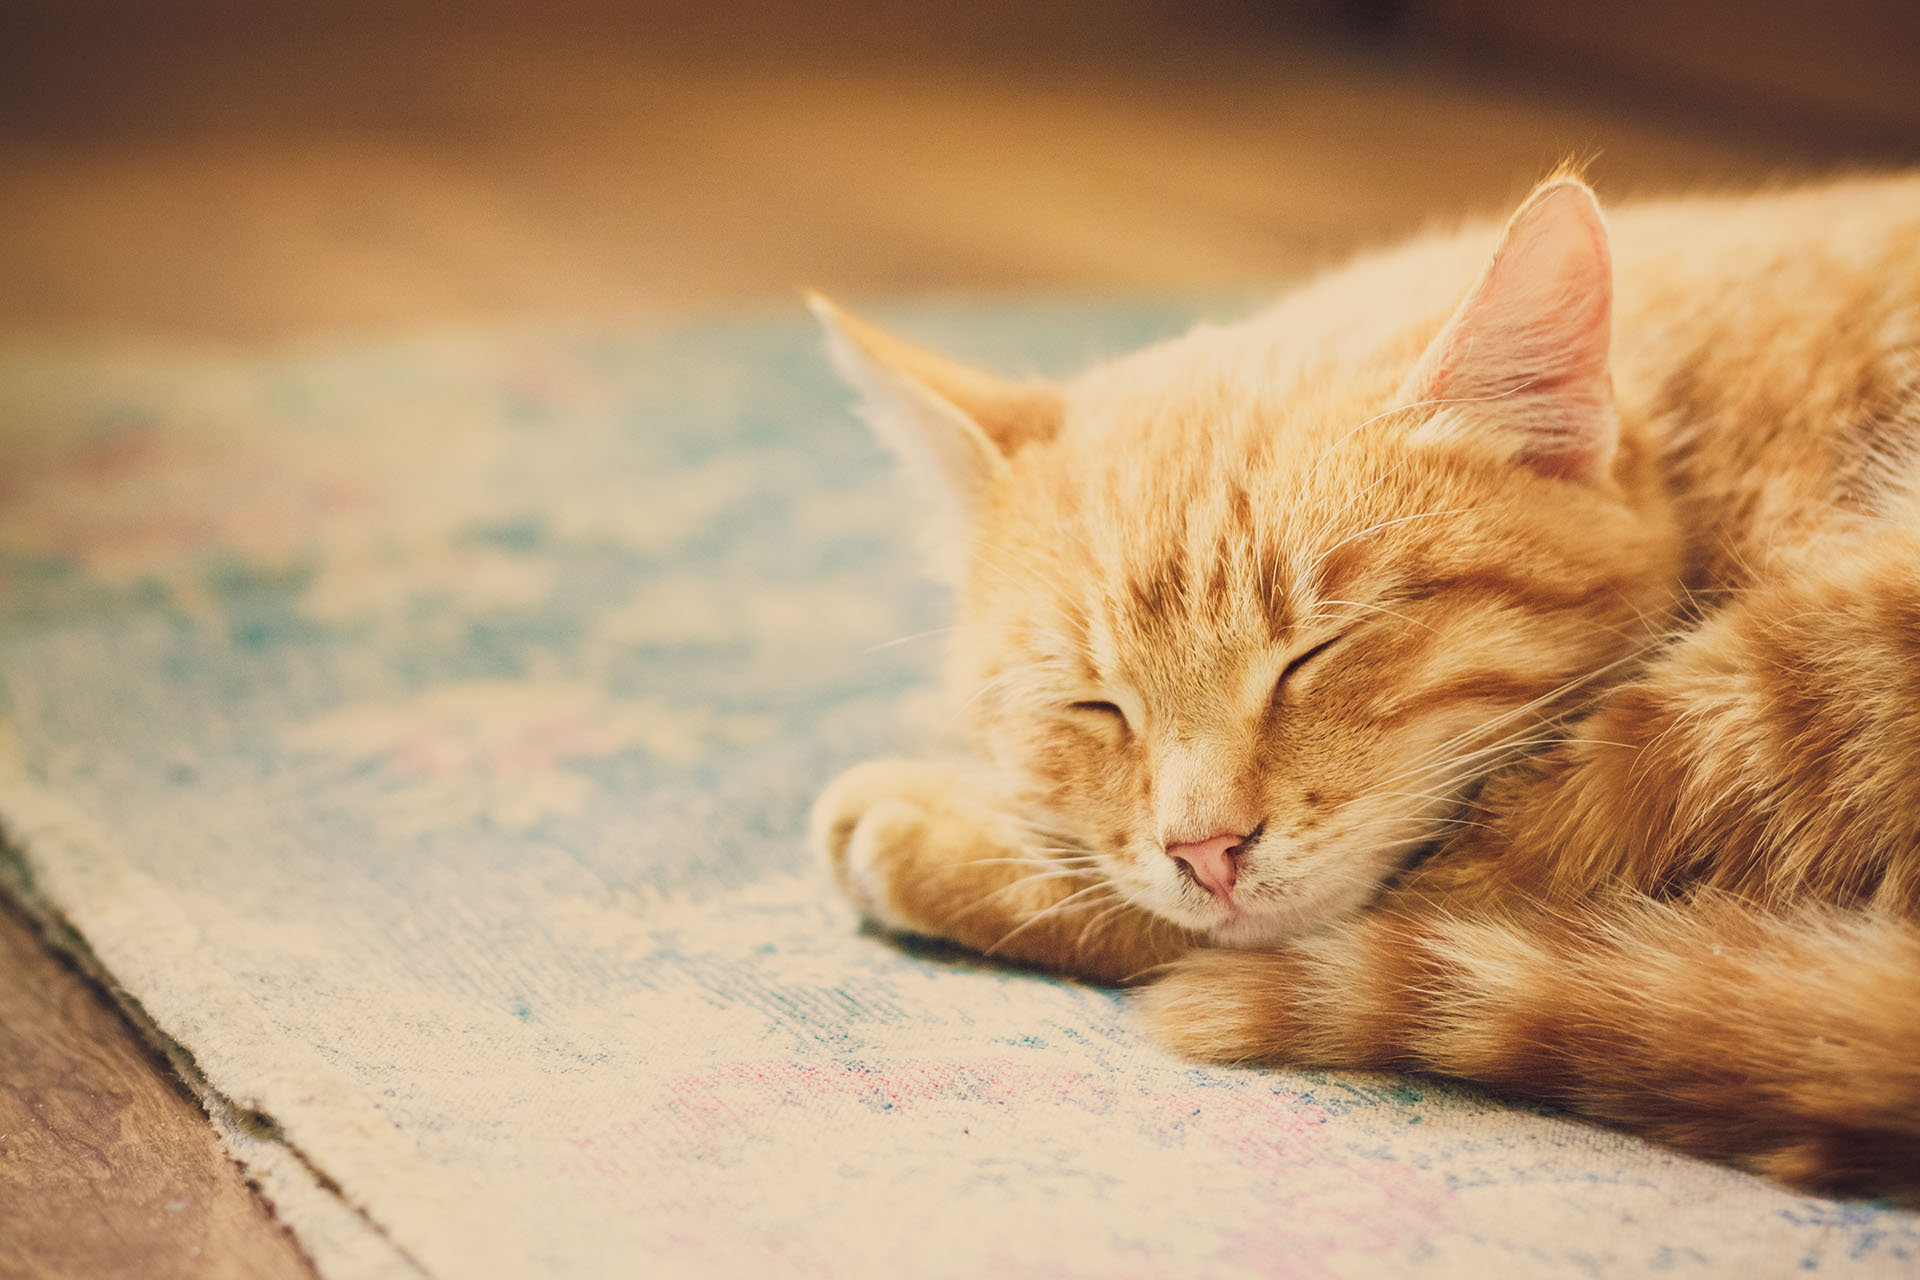 Red Kitten Sleeping